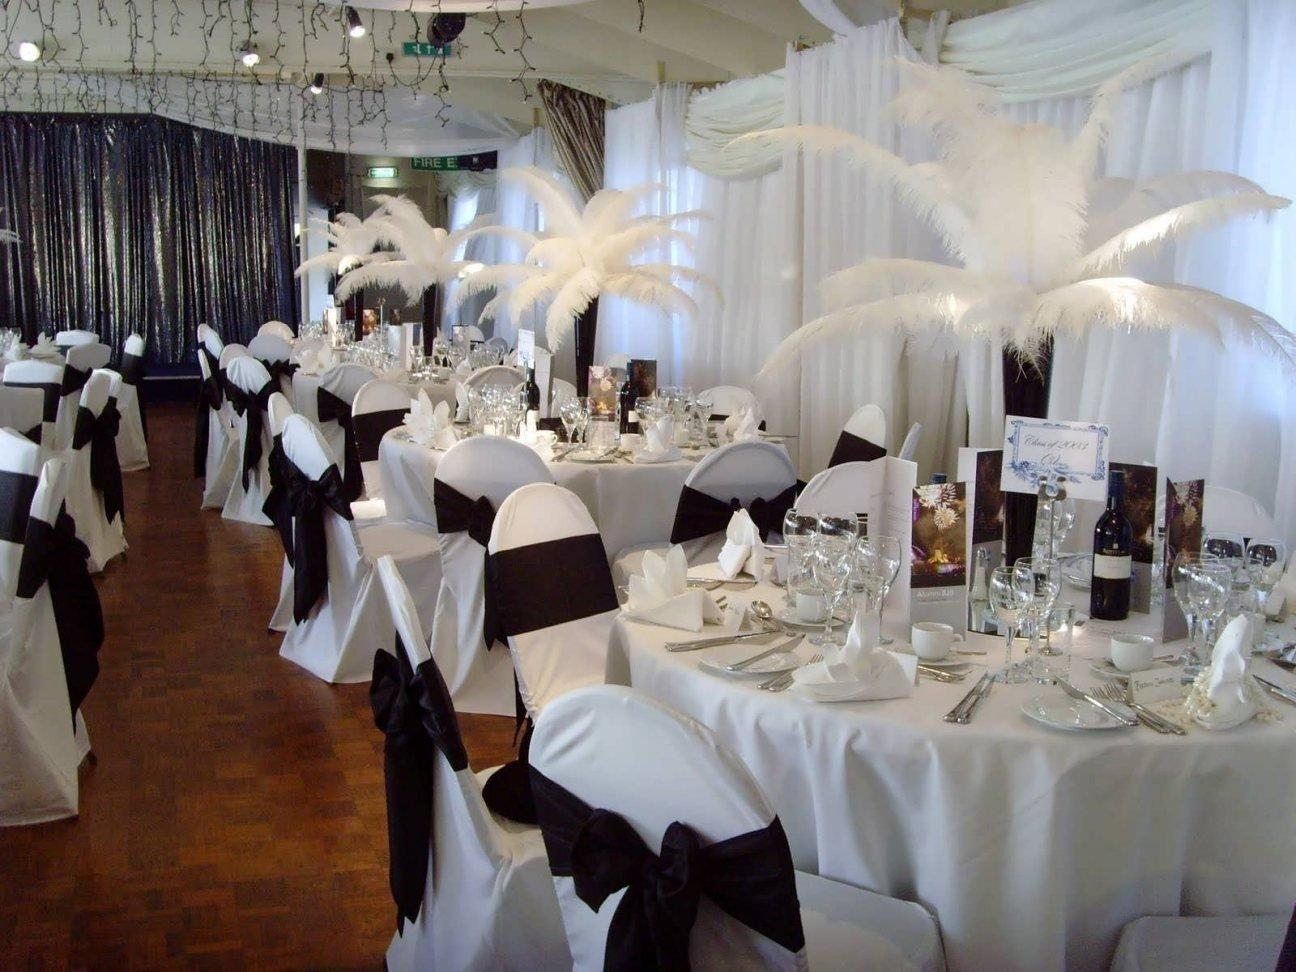 10 Wonderful Wedding Anniversary Ideas On A Budget 50th wedding anniversary party ideas budget low budget 50th 2020